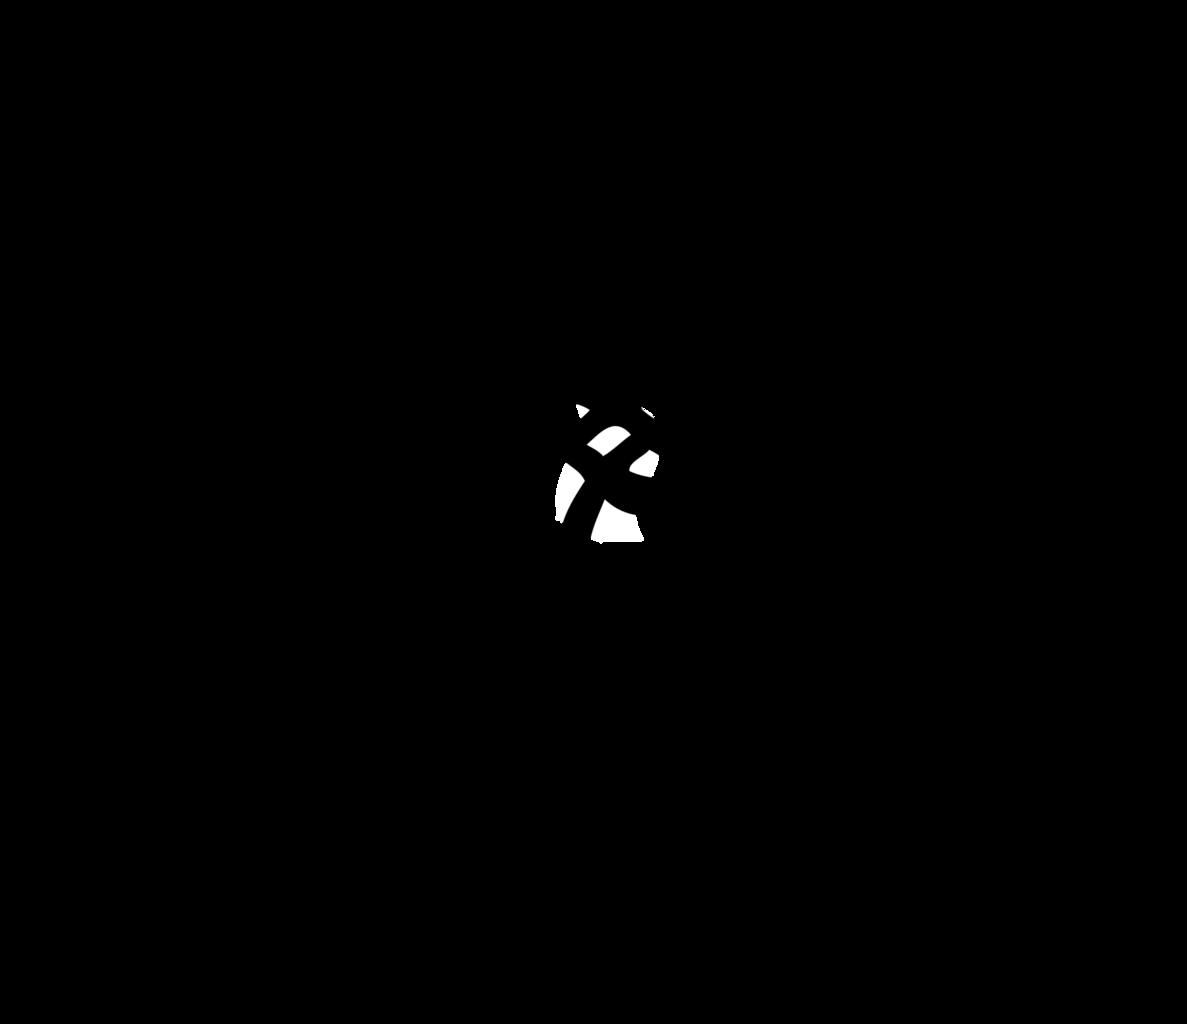 Terjual Rumah Desain Indonesia Jasa Desain Logo Branding